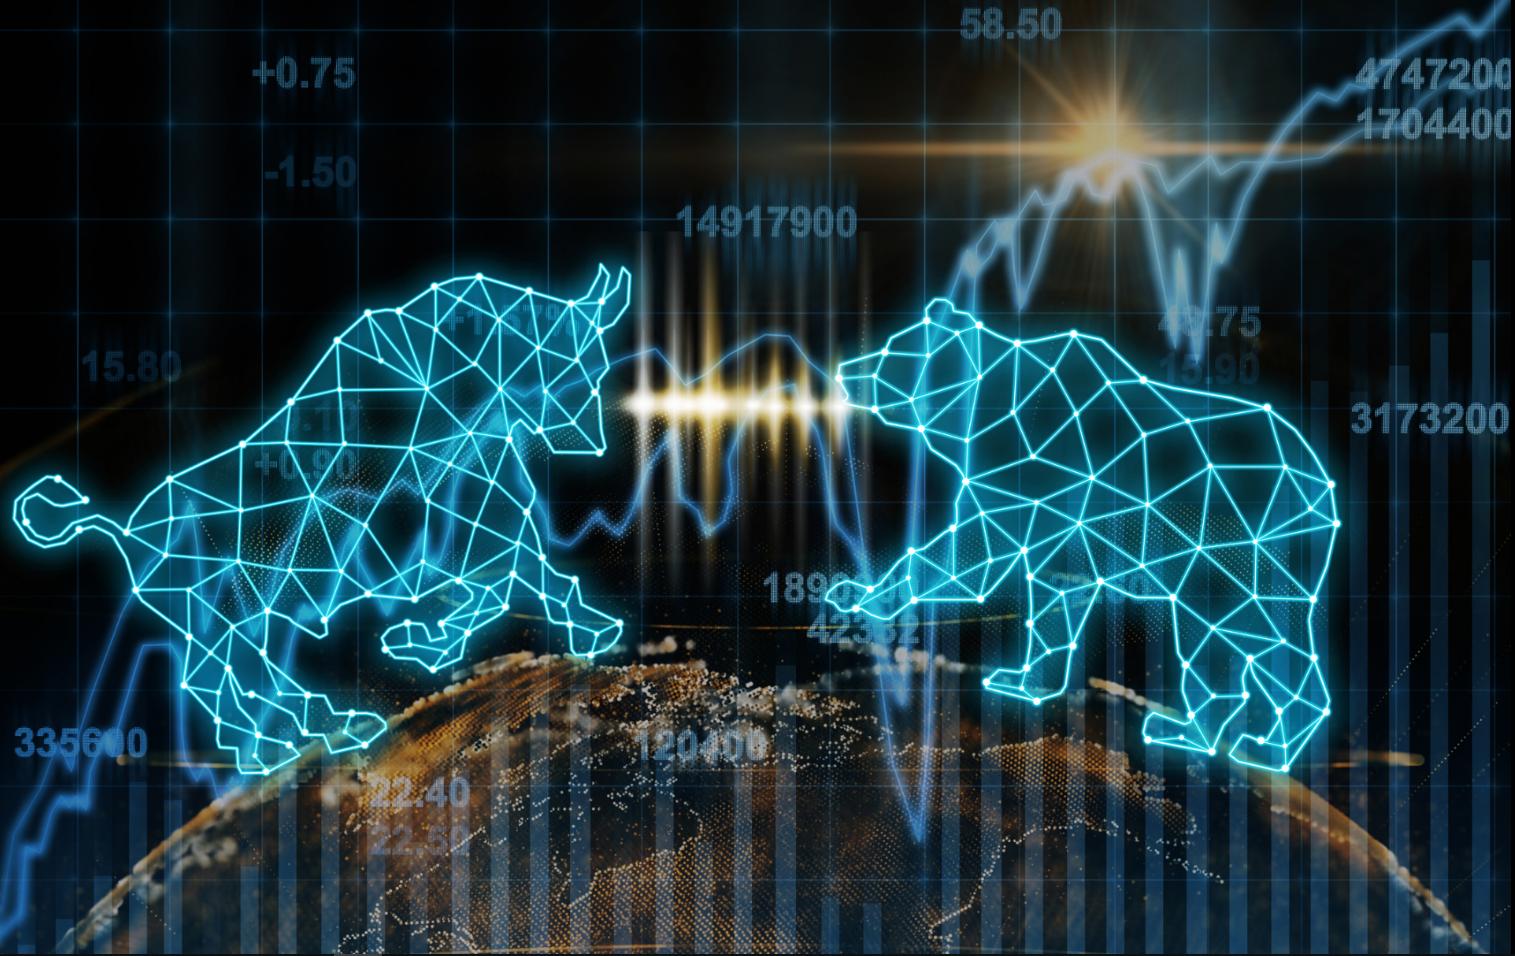 Börsenradio: Bullen zufrieden, Bären bekommen keinen Fuß in Börsentür